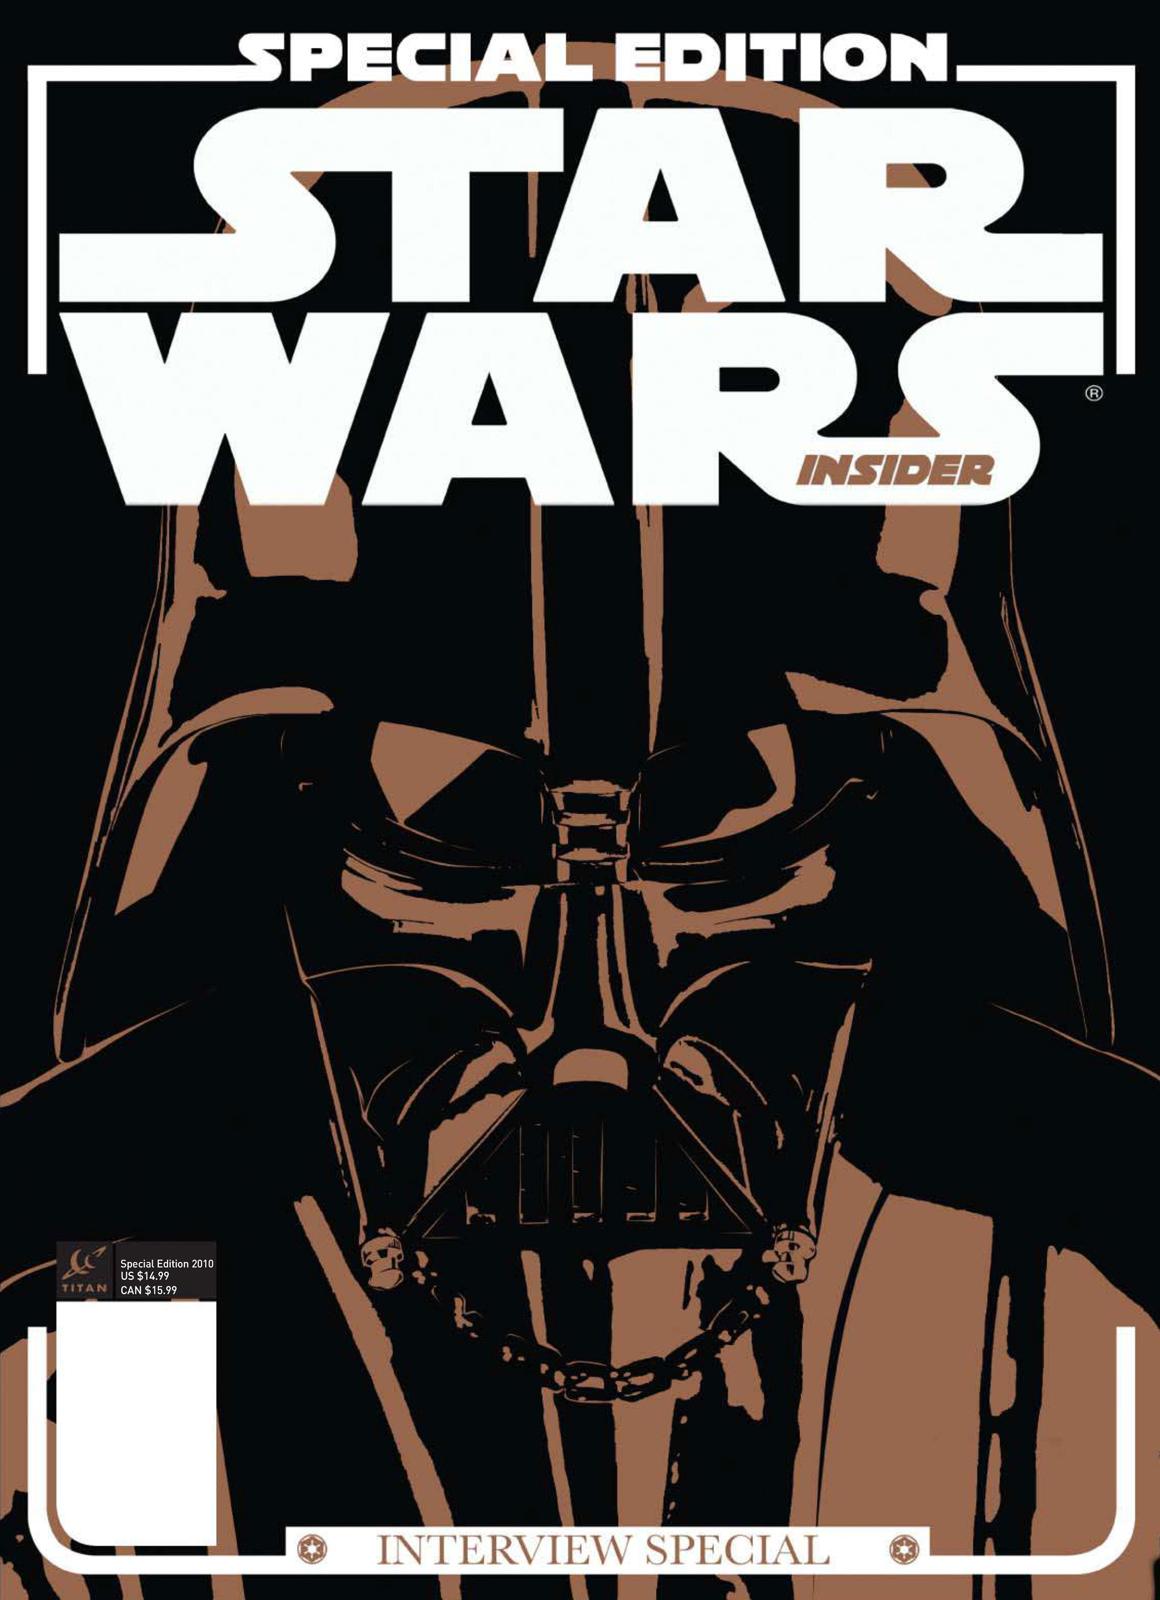 Star Wars Insider Special Edition 2010